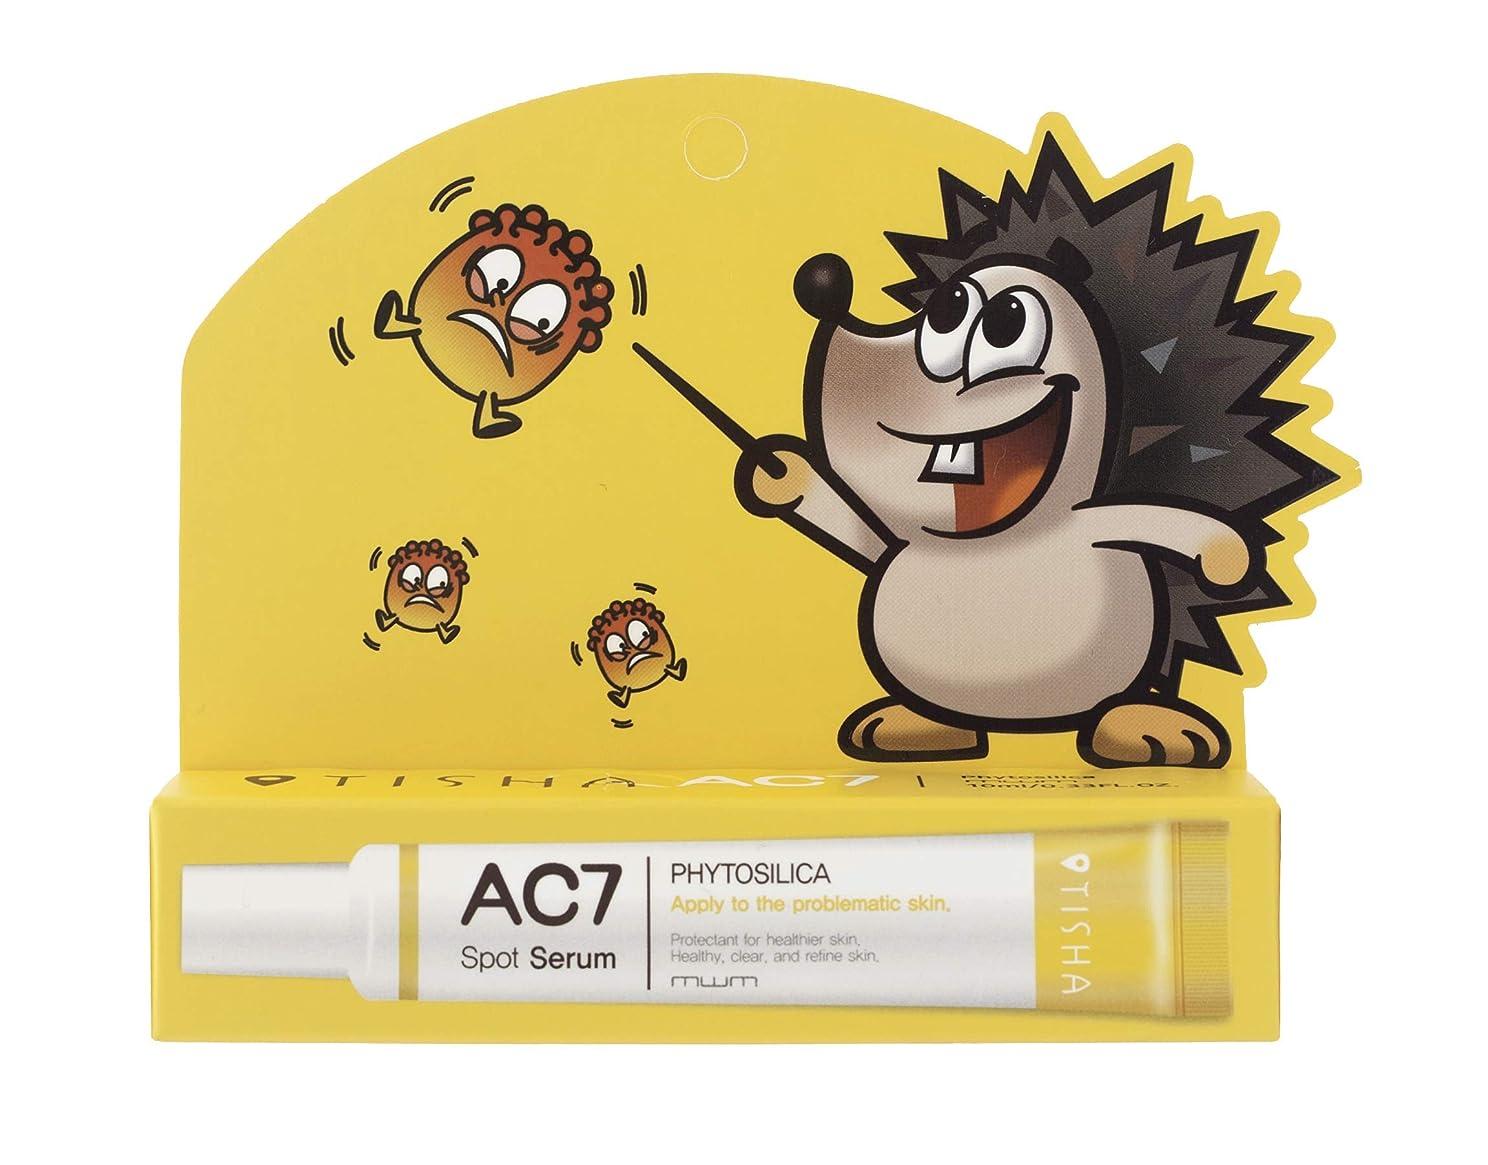 アイスクリーム外部各韓国コスメ マイクロニードル スポットケア 美容液 AC7(エーシーセブン)【正規輸入品】